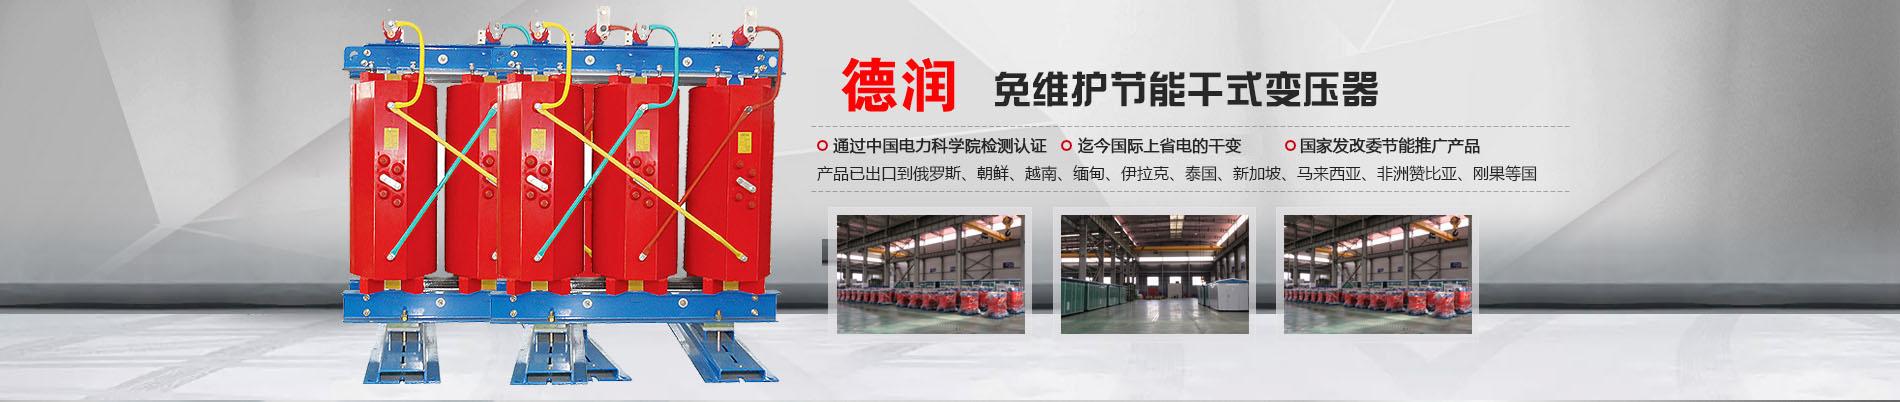 青岛干式变压器厂家